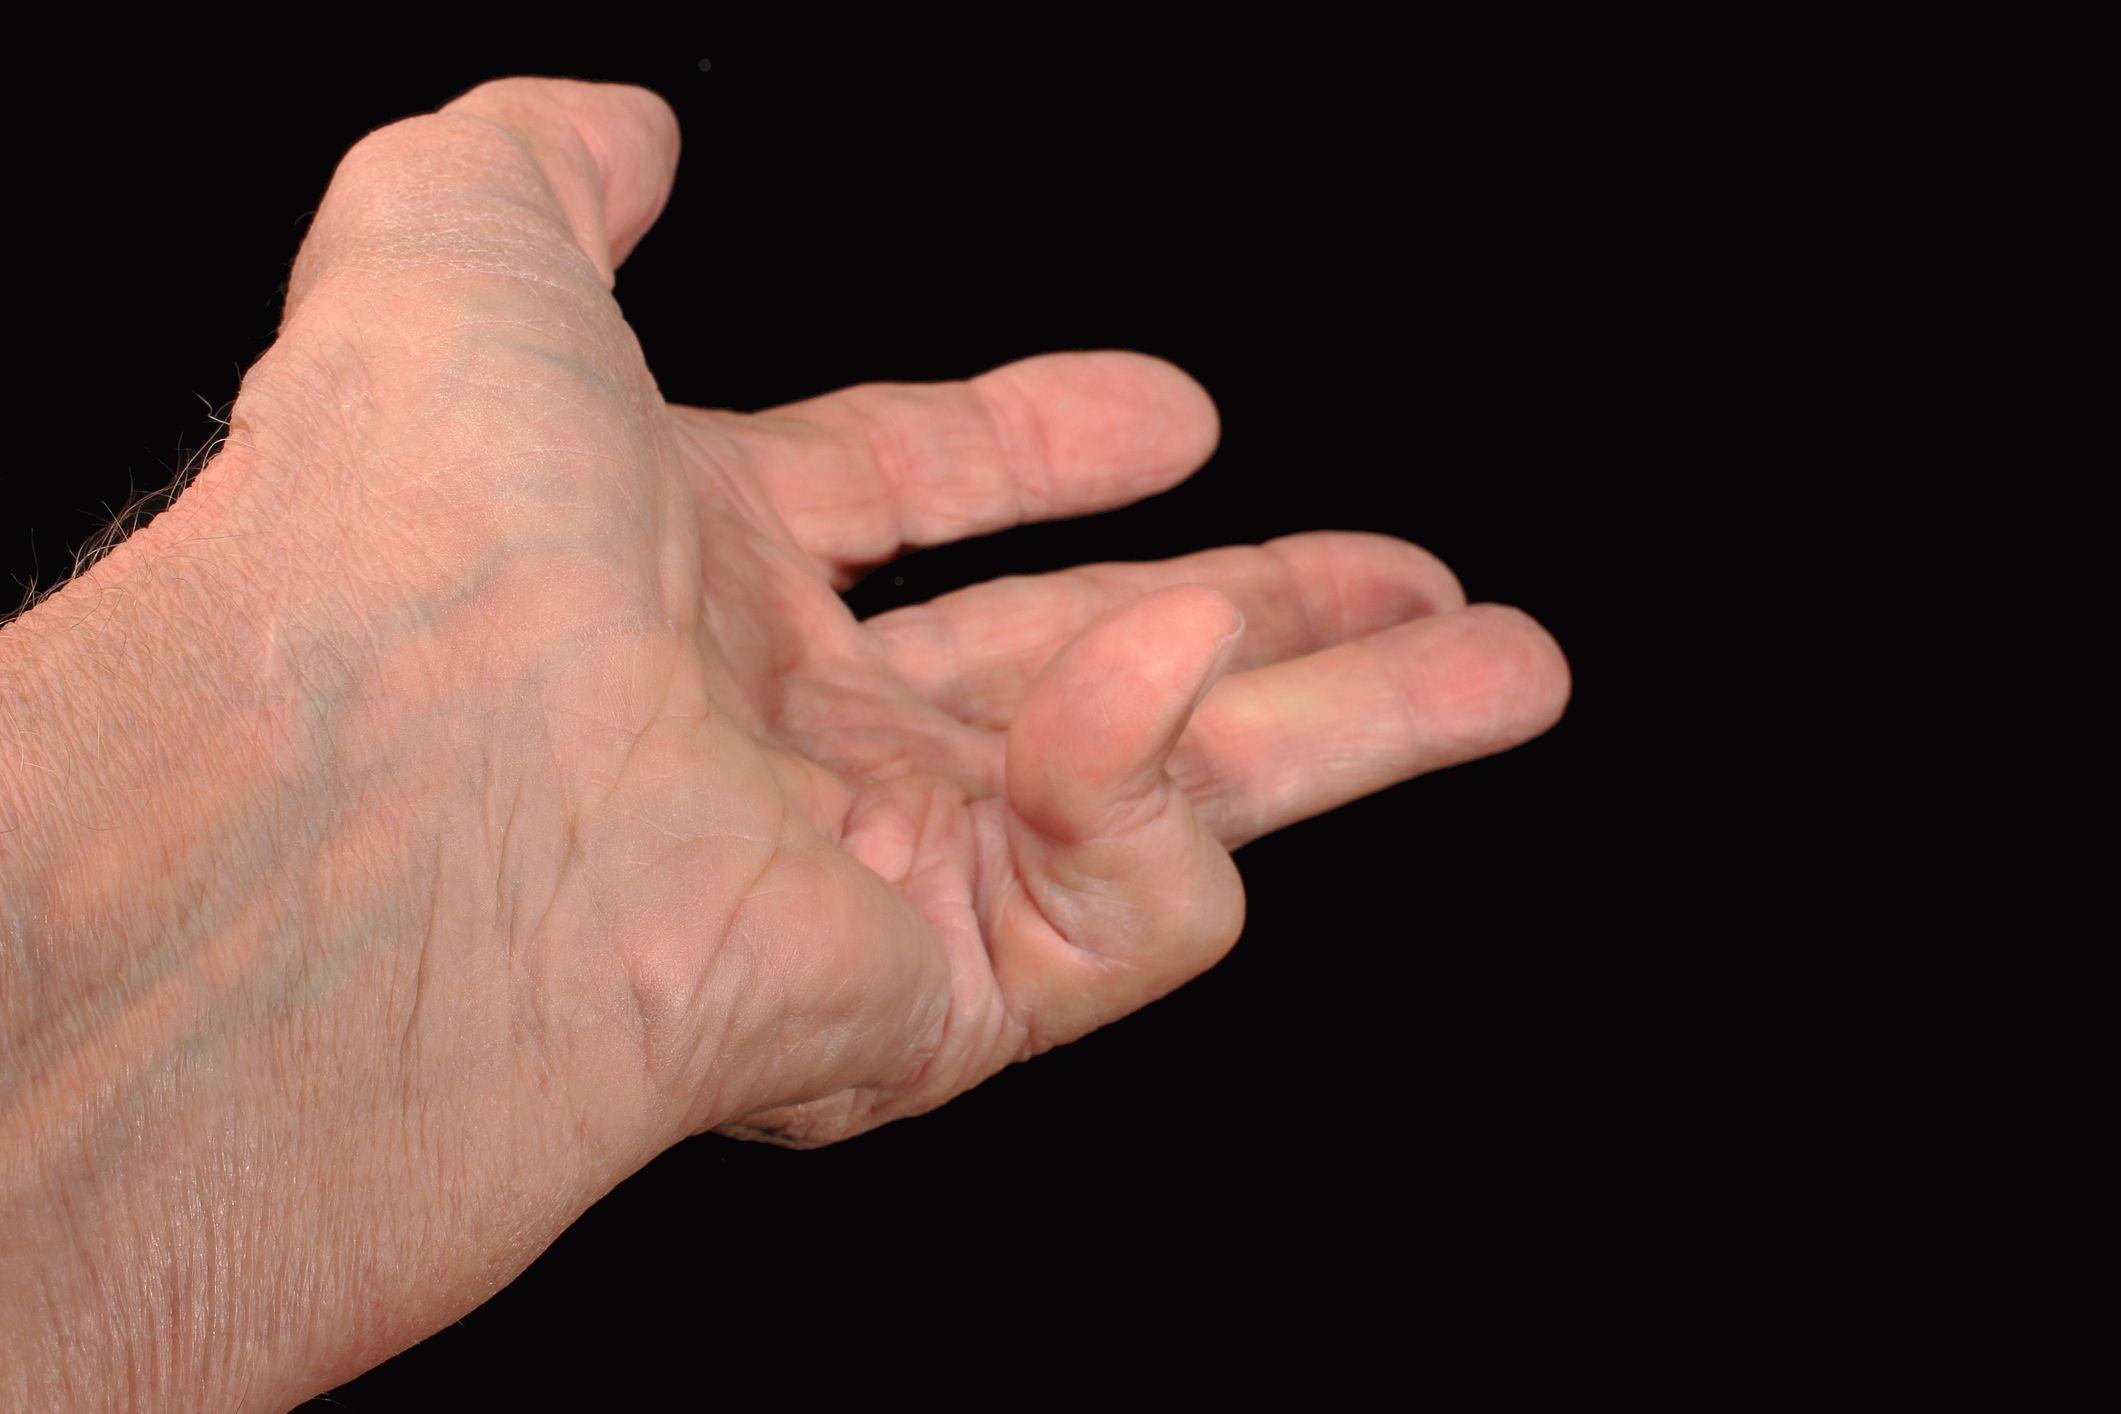 Симптомы и признаки контрактуры Дюпюитрена